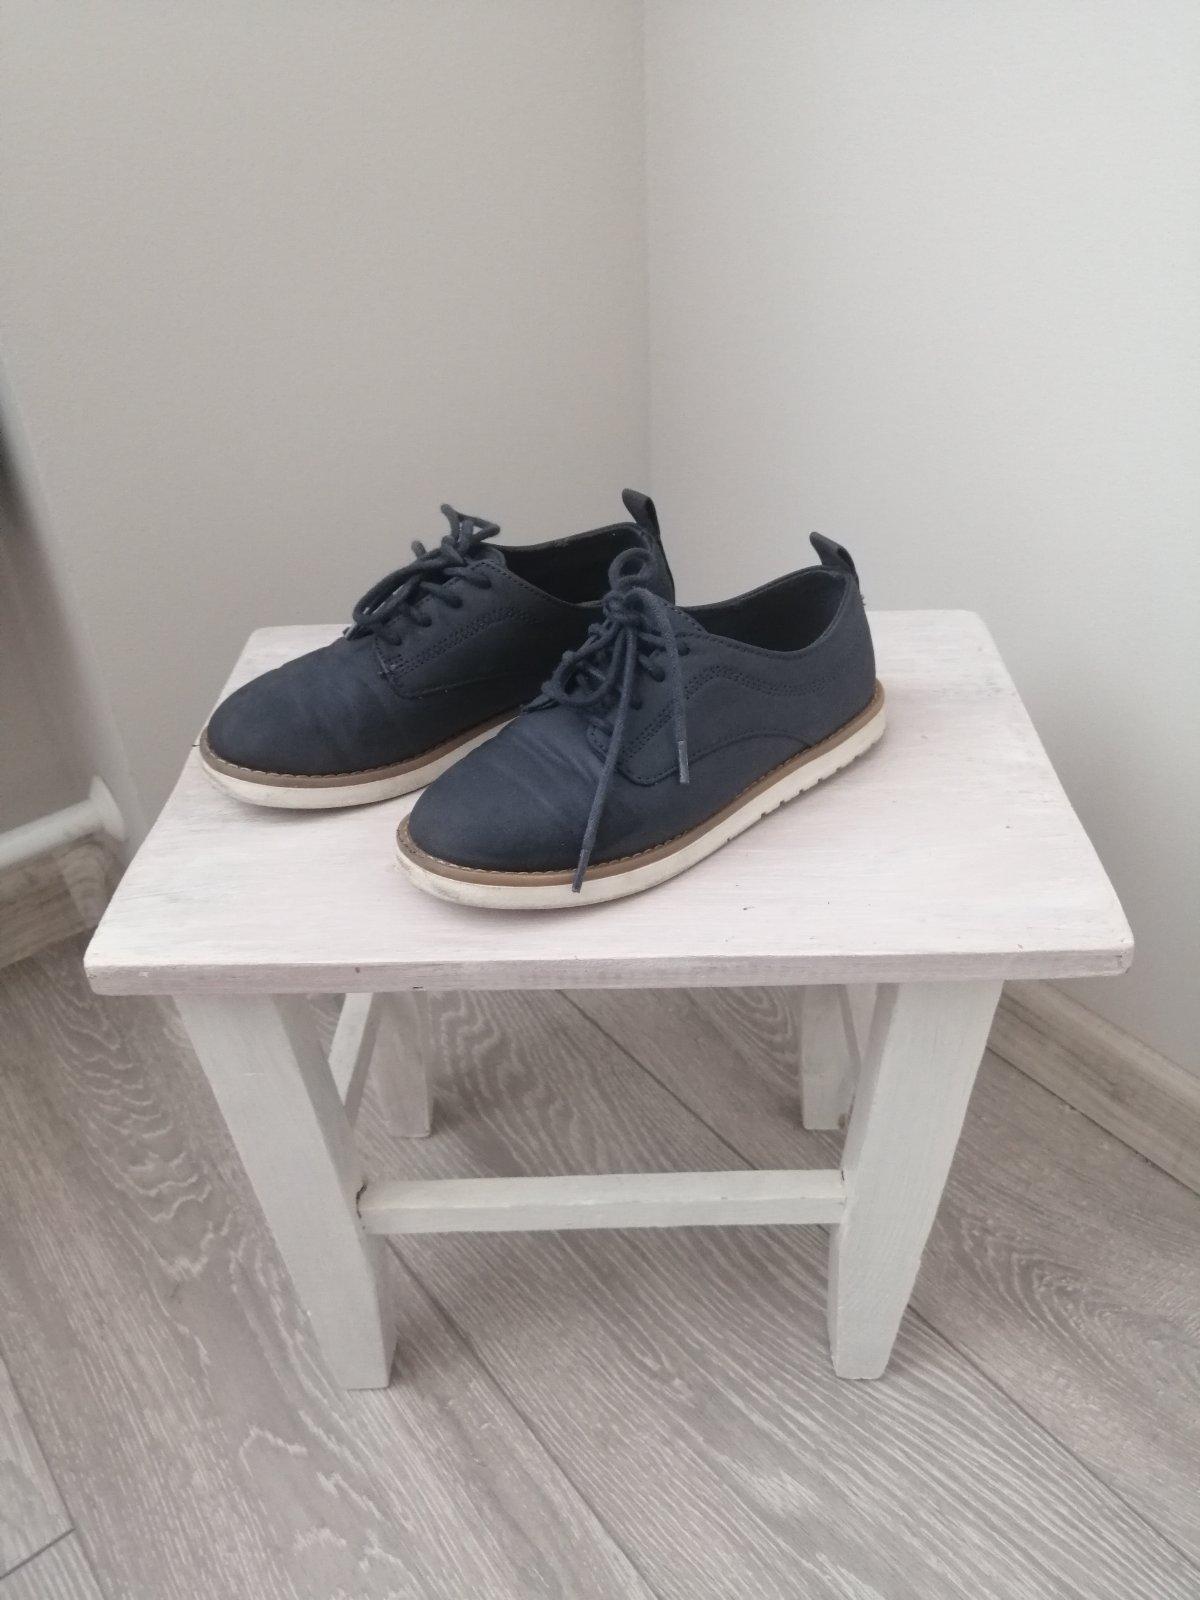 elegantné topánky Zara, 31 - Obrázok č. 1